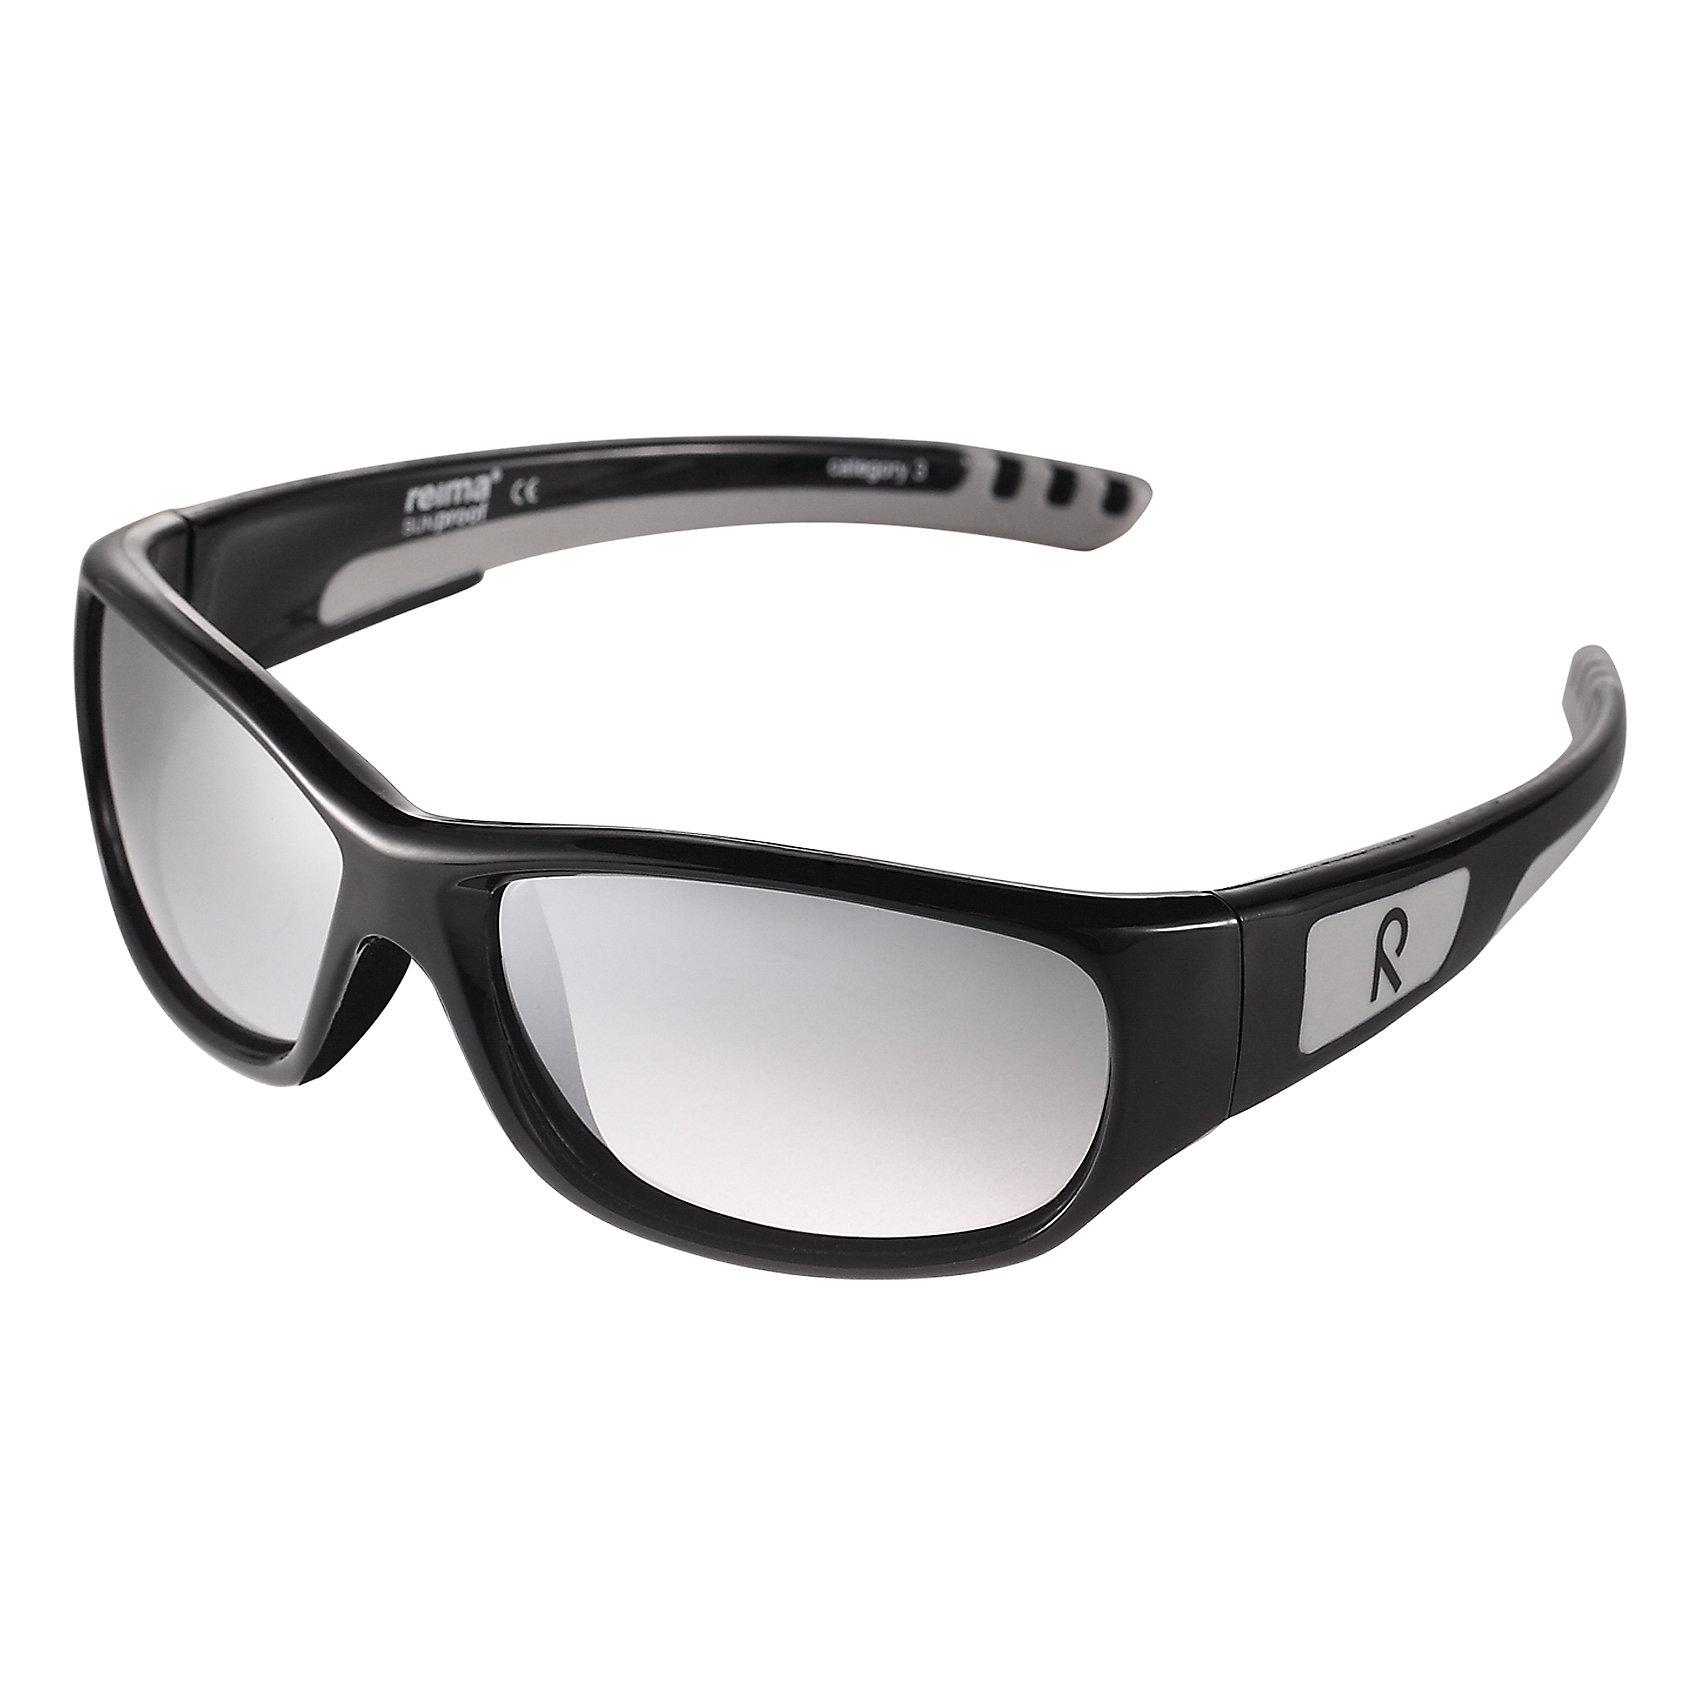 Солнцезащитные очки Reima SerenoСолнцезащитные очки<br>Стильные детские солнцезащитные очки с эффективной защитой от вредного ультрафиолета: линзы обеспечивают комплексную защиту от УФА и УФВ лучей, а сами очки сертифицированы по стандартам ЕС. Поляризованные зеркальные линзы улучшают видимость за счет блокирования бликов, особенно когда вокруг много снега или воды. Модный дизайн подойдет на все случаи жизни – веселые расцветки отлично сочетаются с разной одеждой. Очки поставляются в комплекте с удобным чехлом для защиты и хранения.<br>Состав:<br>Оправа: 80 % Термопластичный сополиэфир, 20% Термоппластичная резина/TR90/Резина, Линза: 100% Поликарбонат<br><br>Ширина мм: 170<br>Глубина мм: 157<br>Высота мм: 67<br>Вес г: 117<br>Цвет: черный<br>Возраст от месяцев: 48<br>Возраст до месяцев: 168<br>Пол: Унисекс<br>Возраст: Детский<br>Размер: one size<br>SKU: 6905300